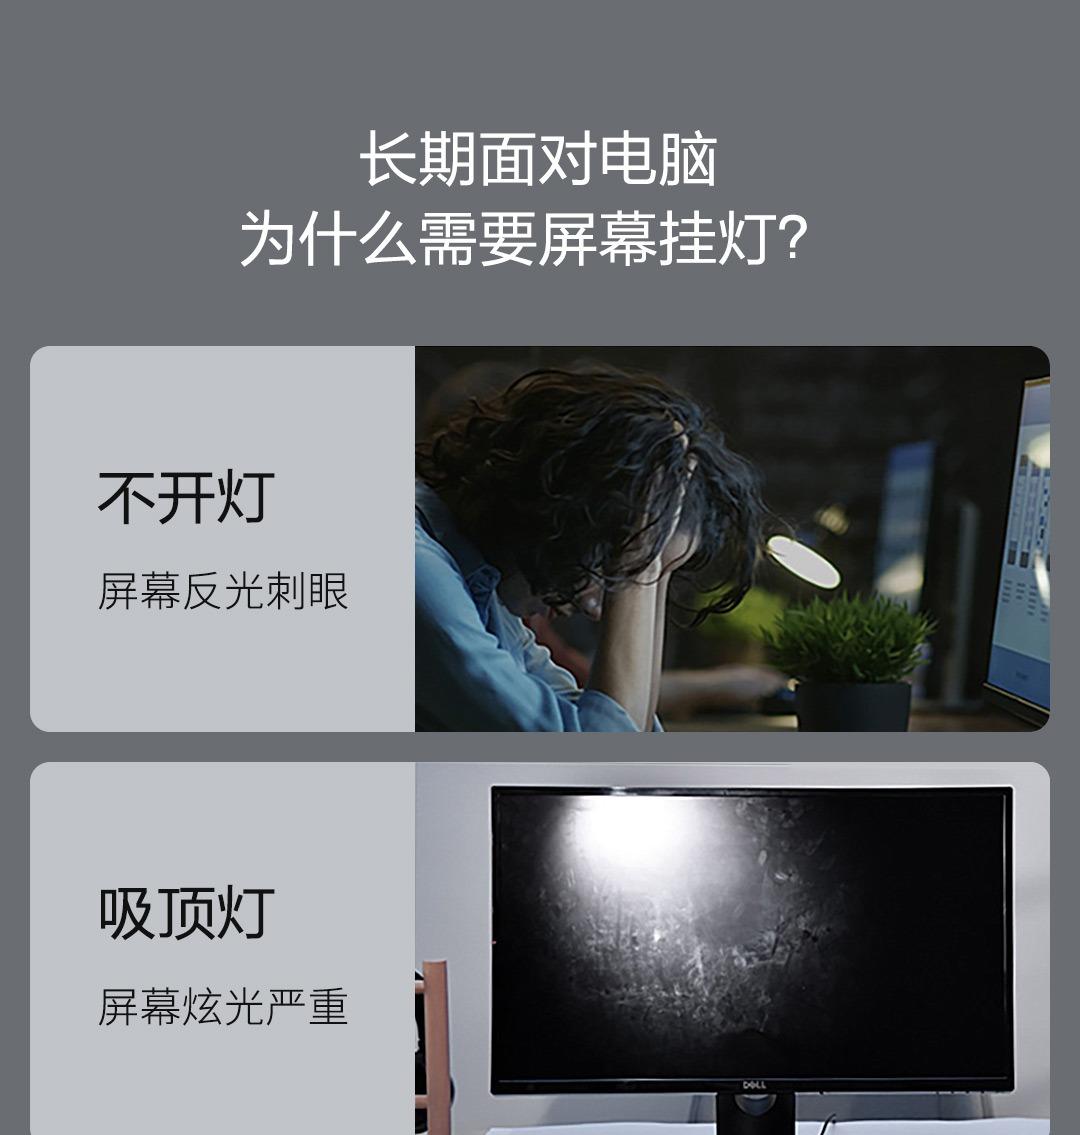 Product_奇妙_倍思USB屏幕挂灯:显示器挂灯